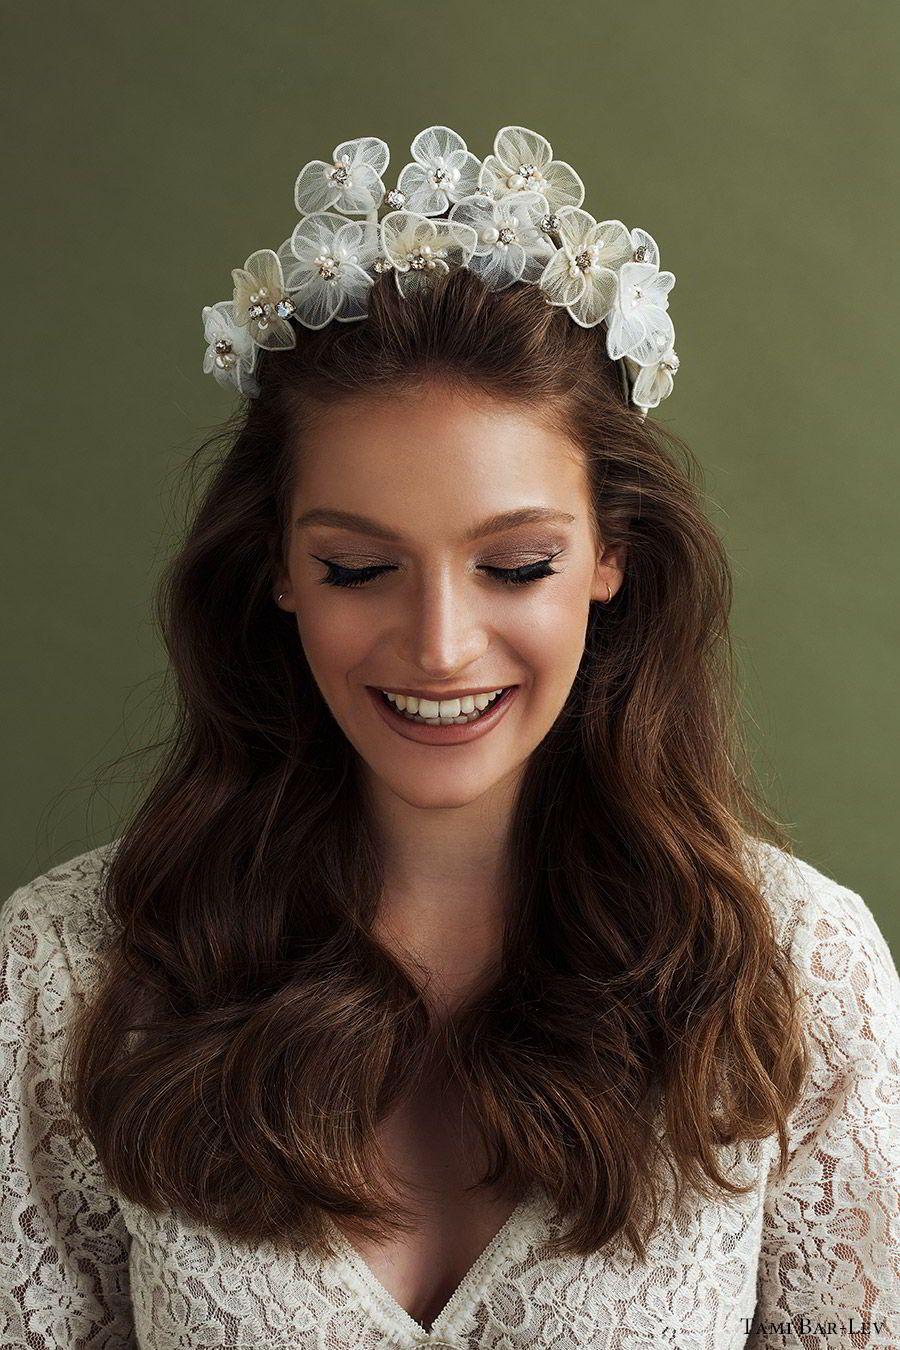 """Tami Bar-Lev's """"High by the Beach"""" Bridal Hair Accessories #bridalhair"""